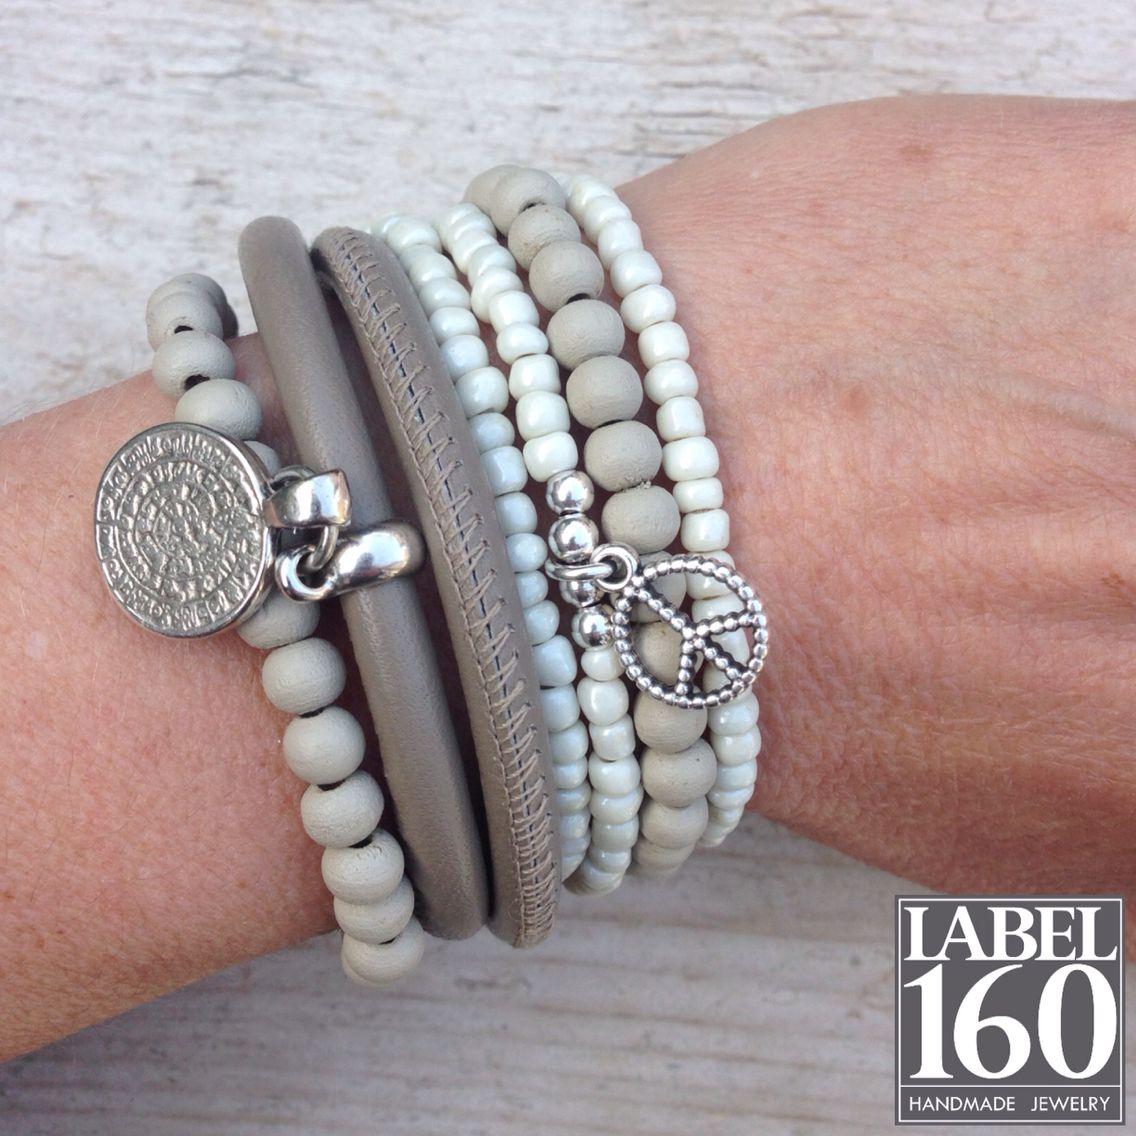 armbanden label160 perlenschmuck basteln und diy